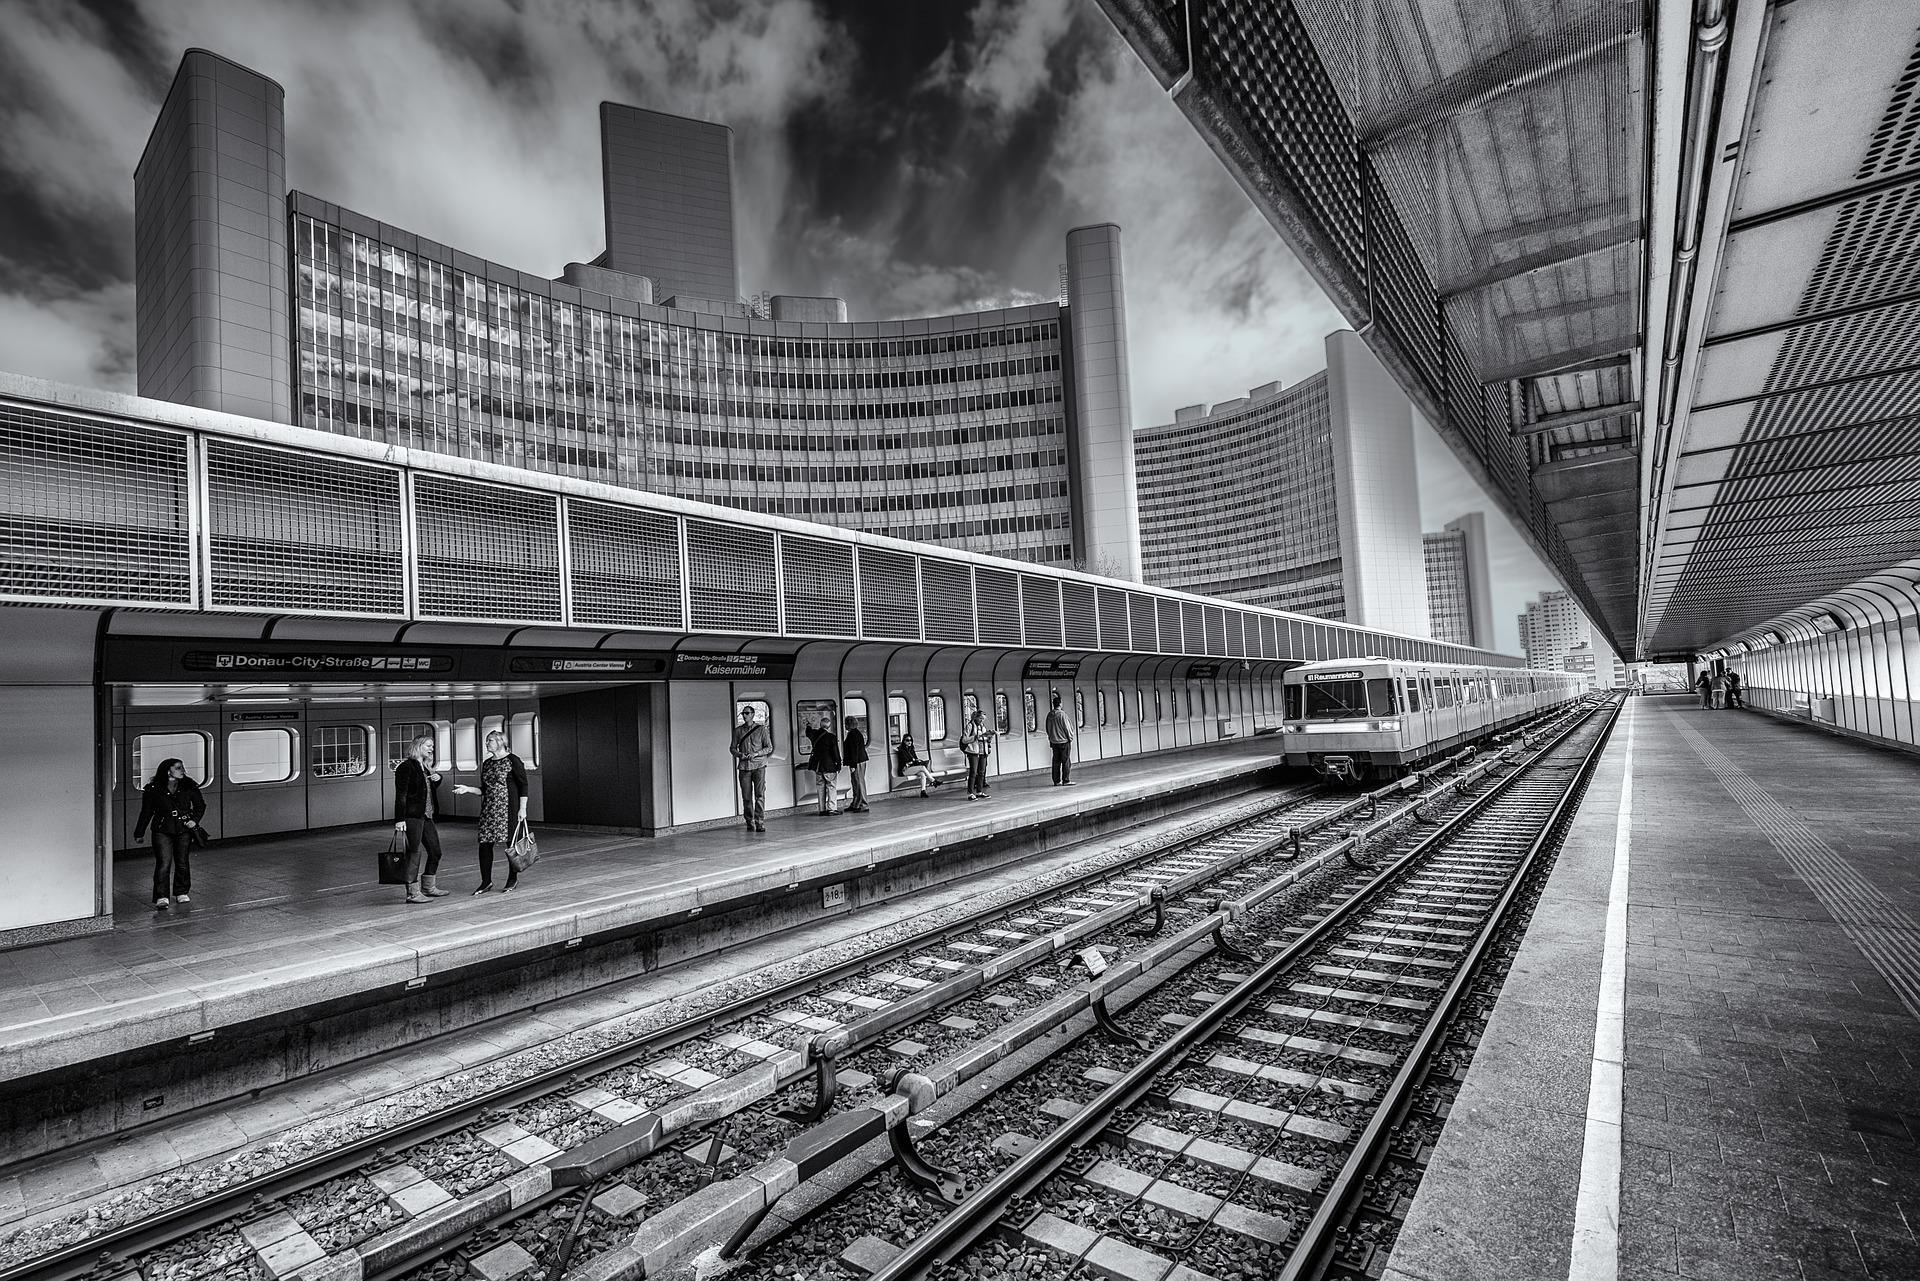 U1 Station Kaisermühlen